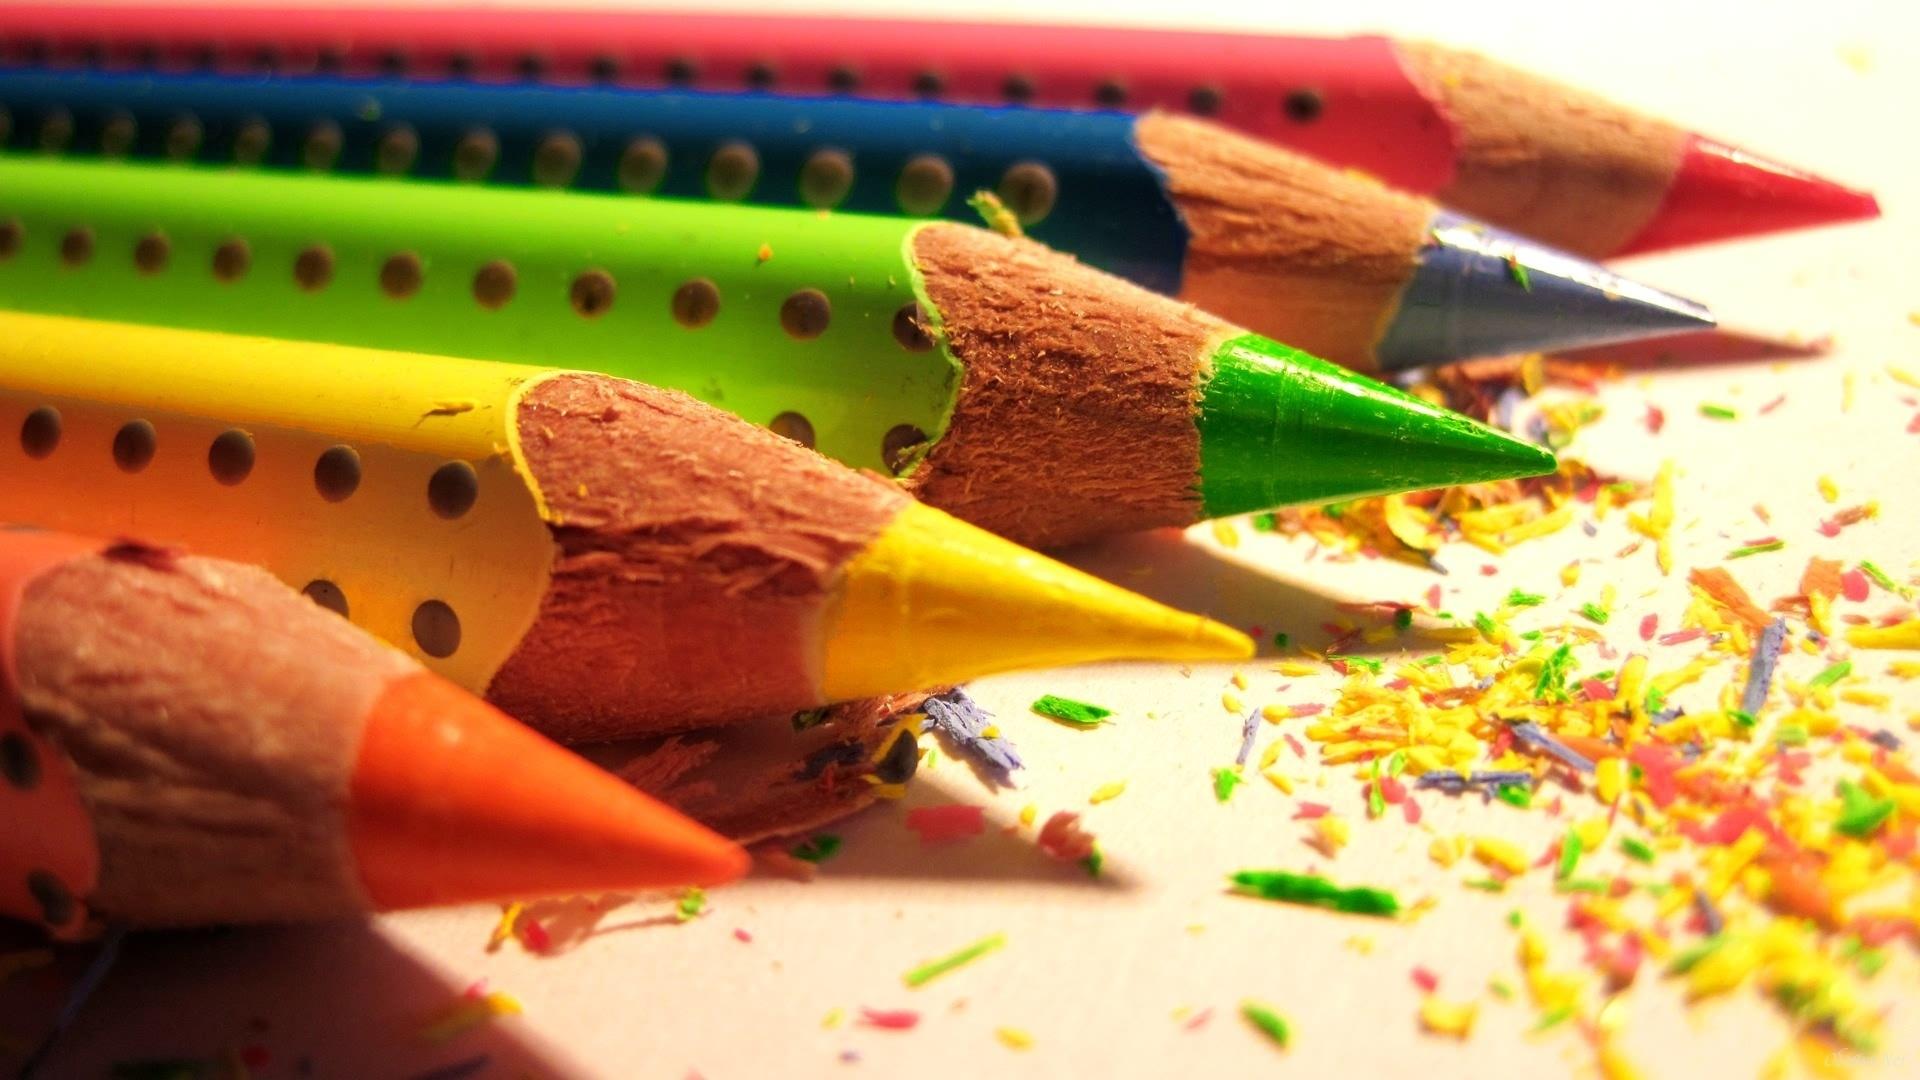 картинки с карандашами высокого разрешения паропроницаемостью мембраны